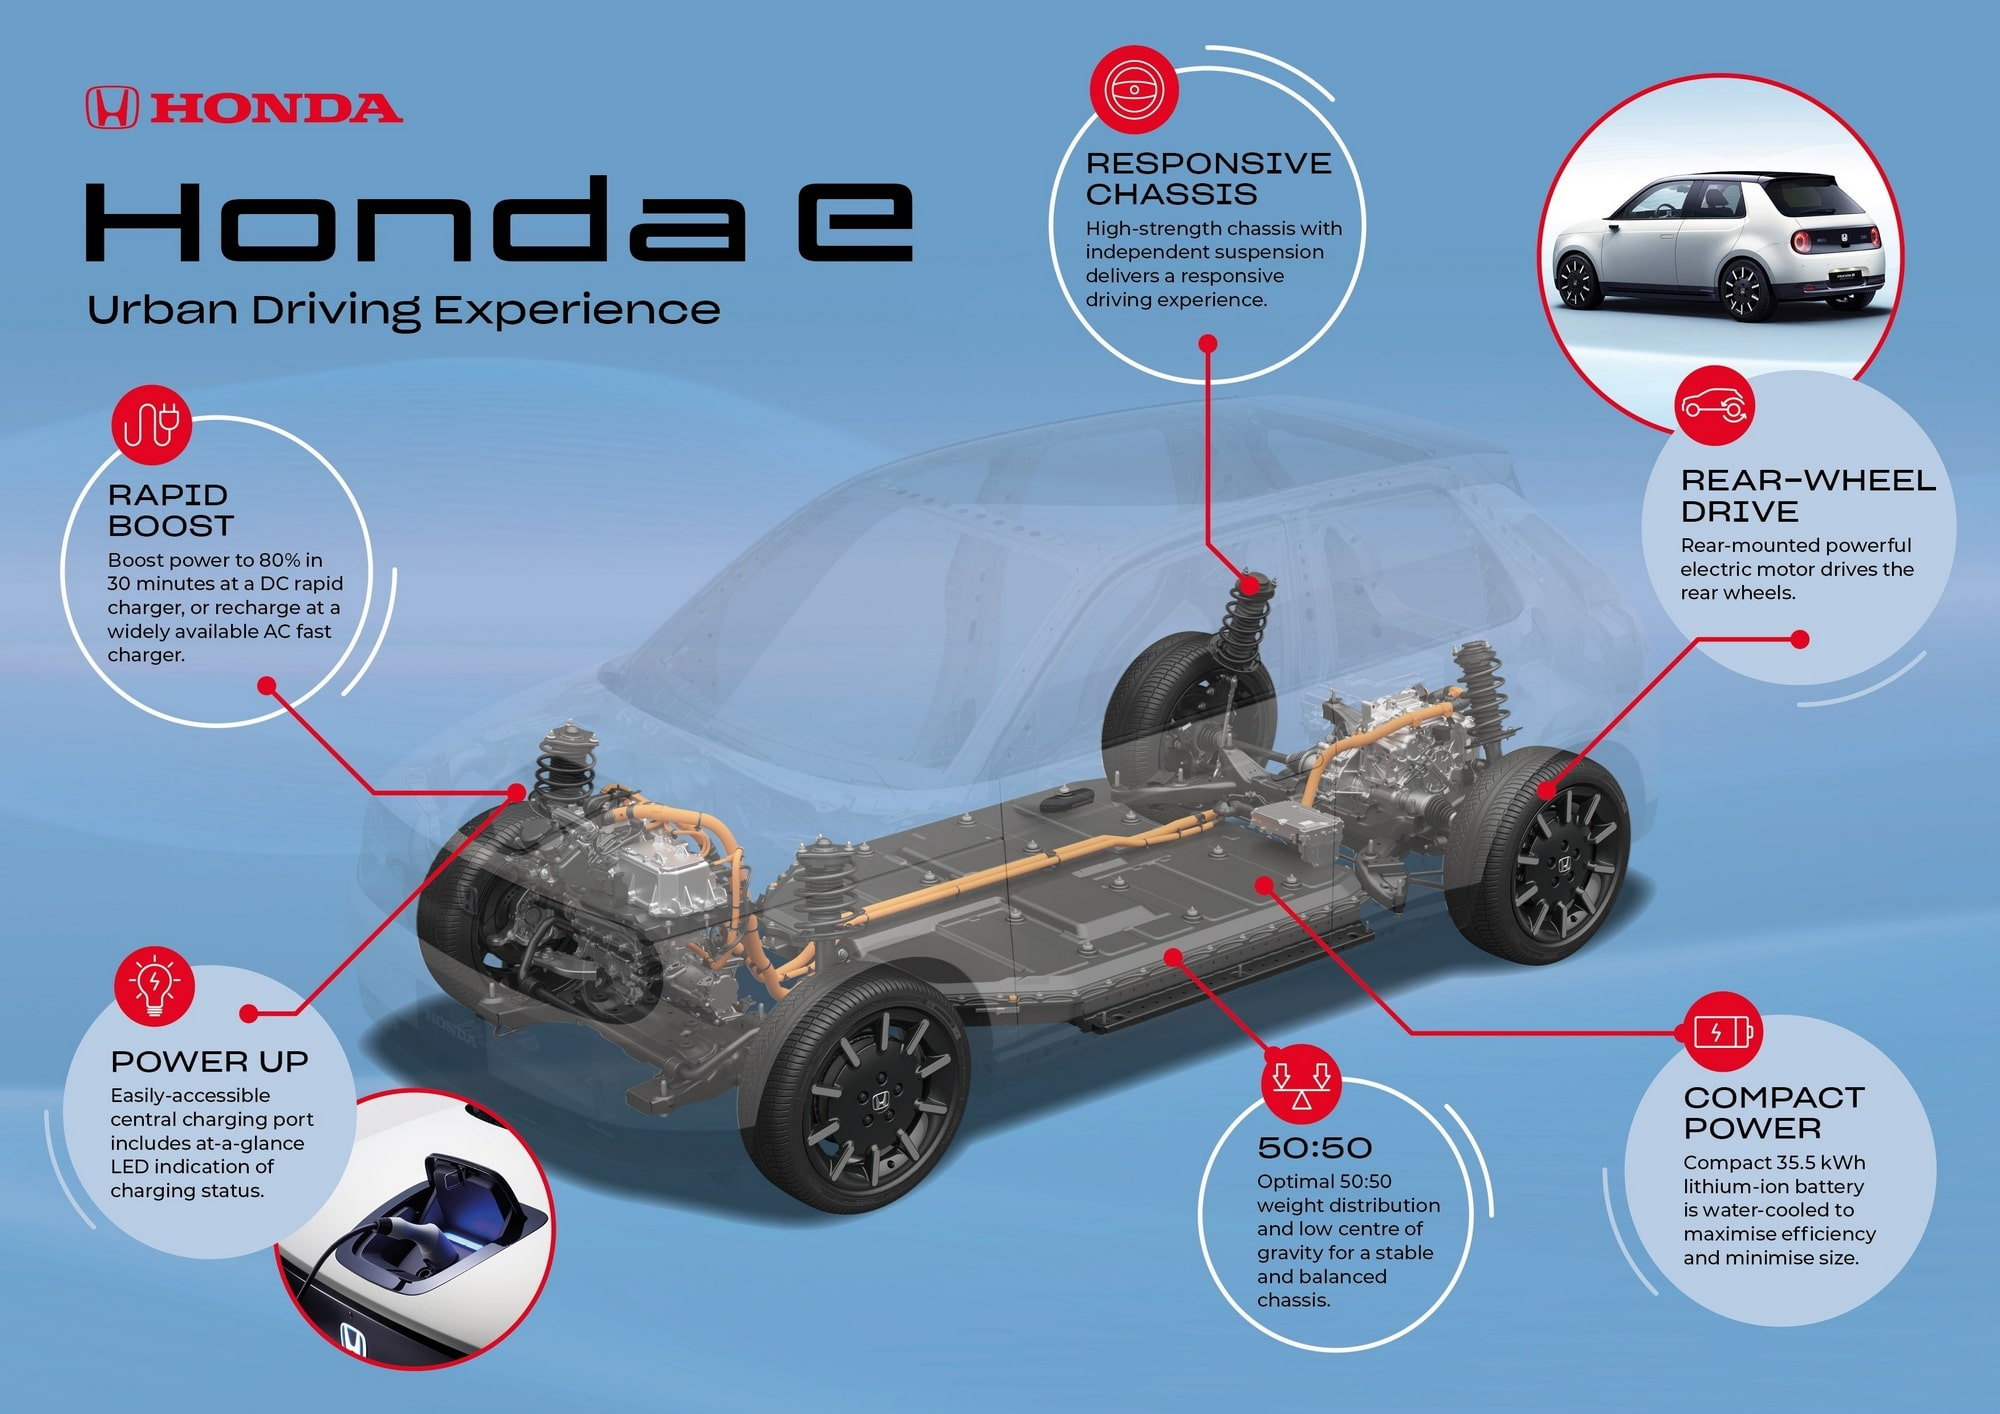 Официально: Электромобиль Honda e получит батарею емкостью 35,5 кВтч с жидкостным охлаждением